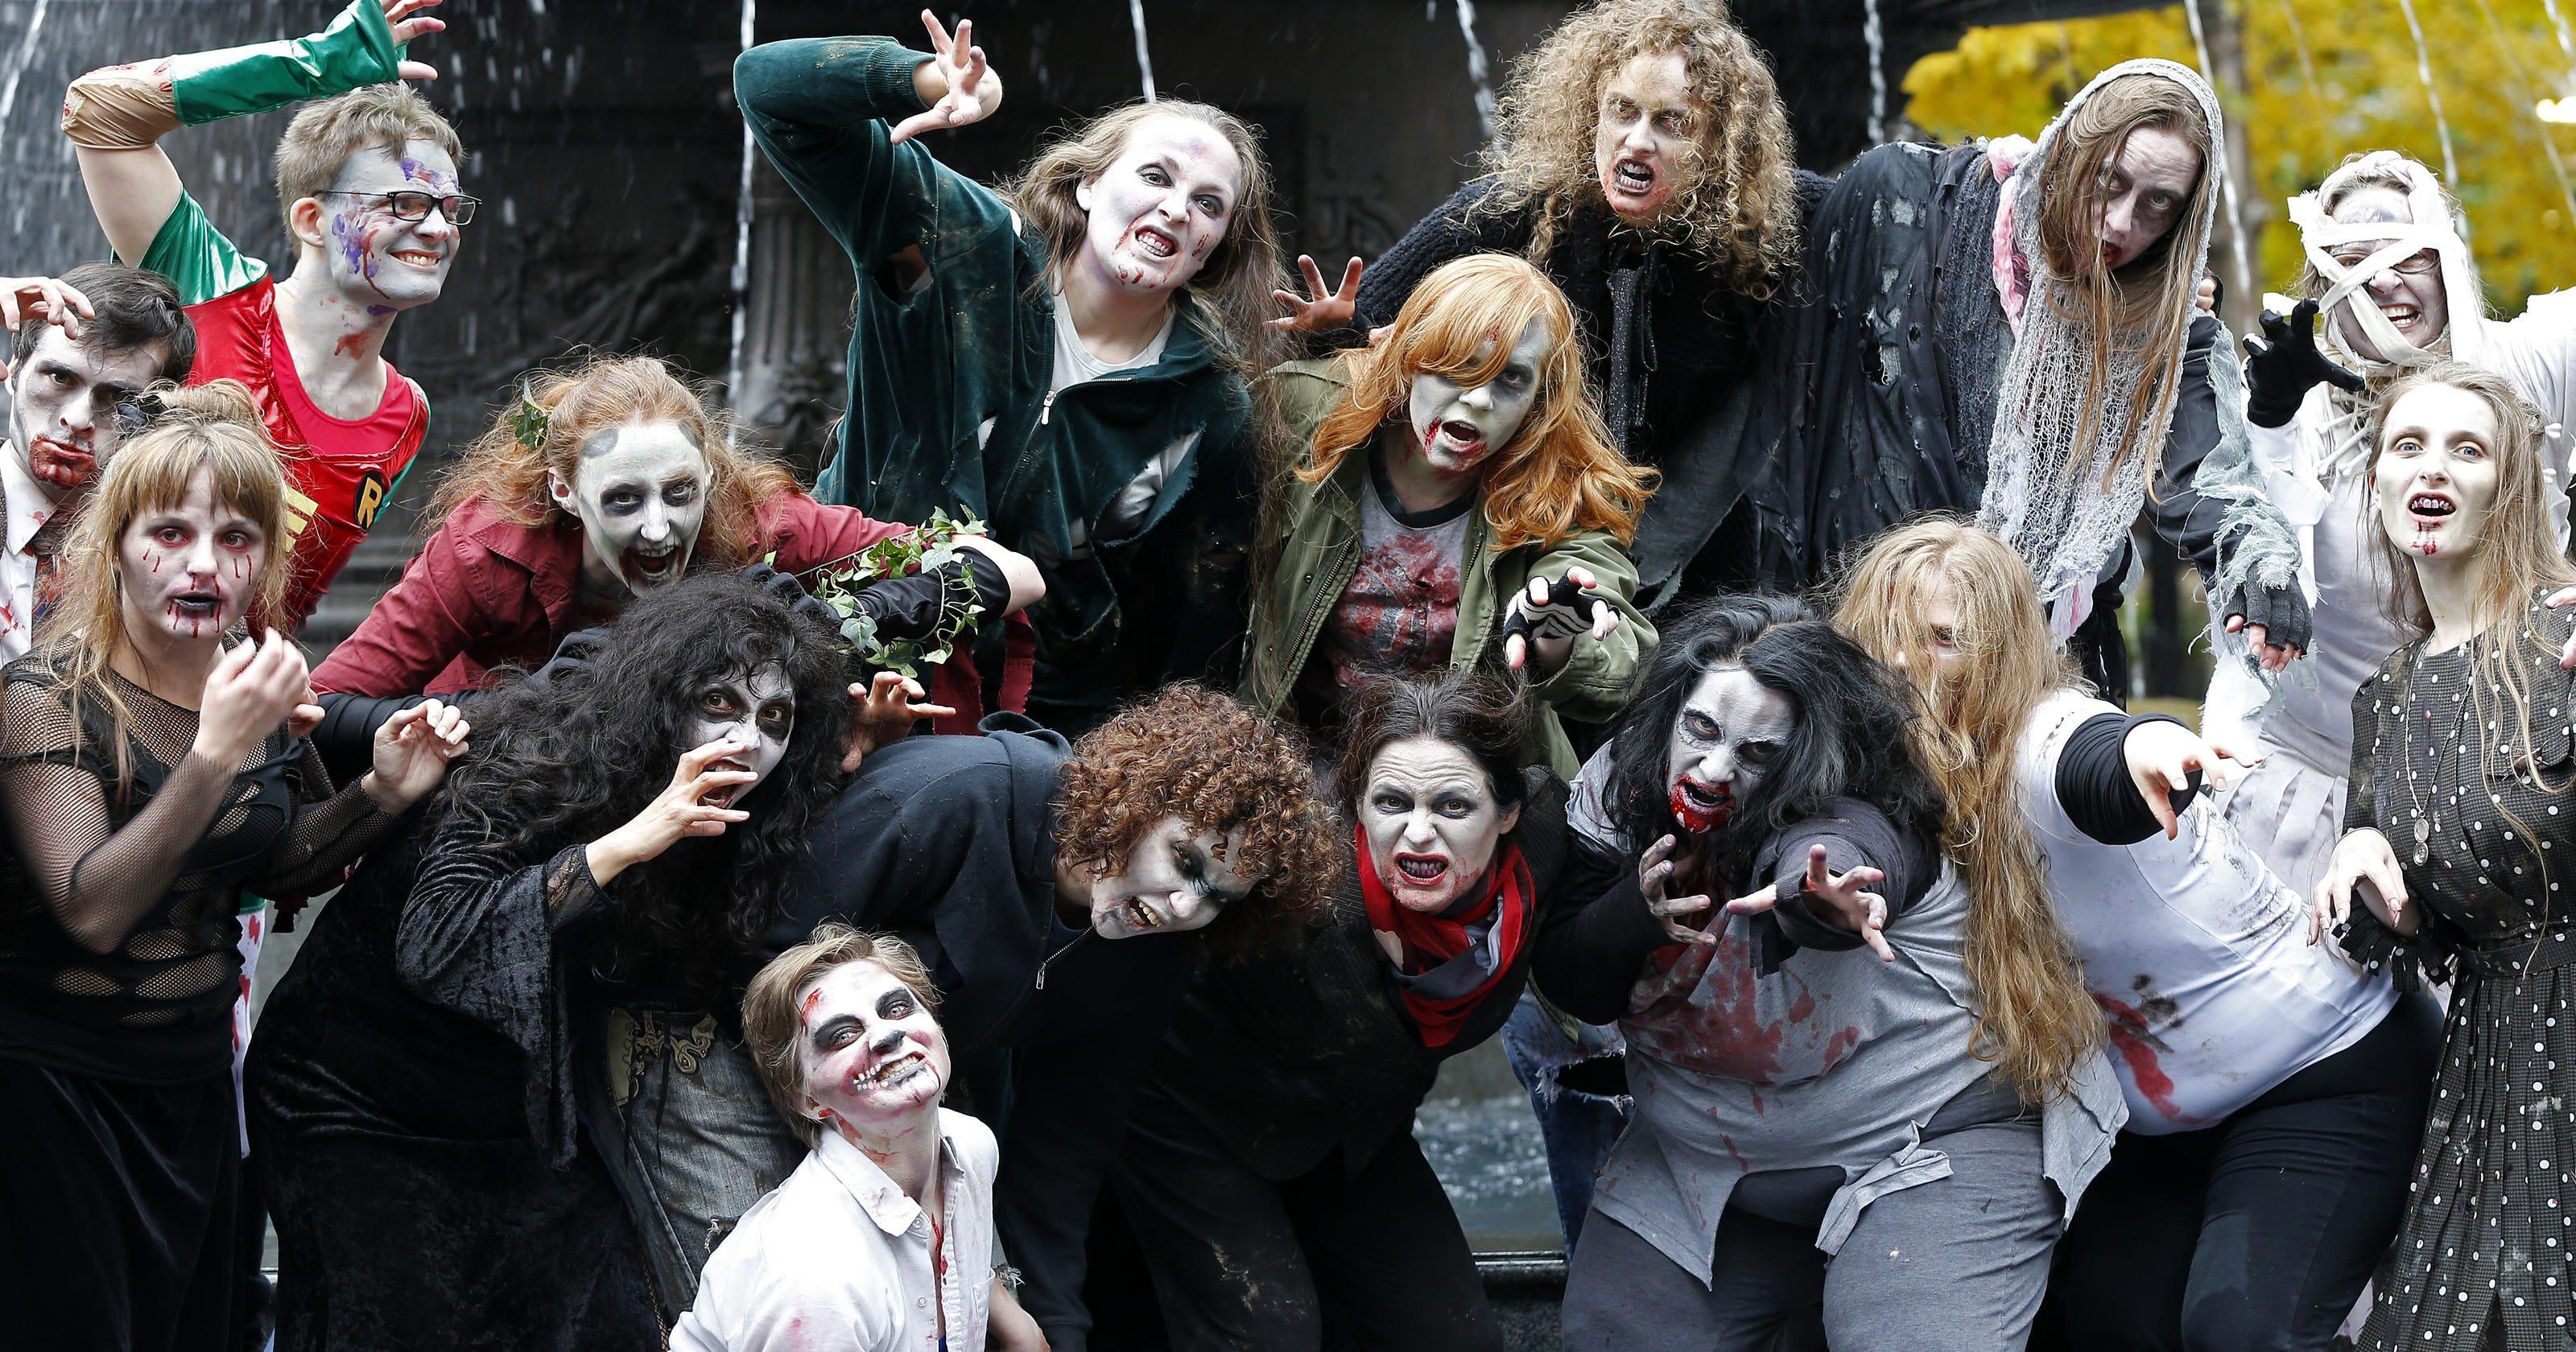 halloween events this weekend in cincinnati and northern kentucky oct 31 nov 2